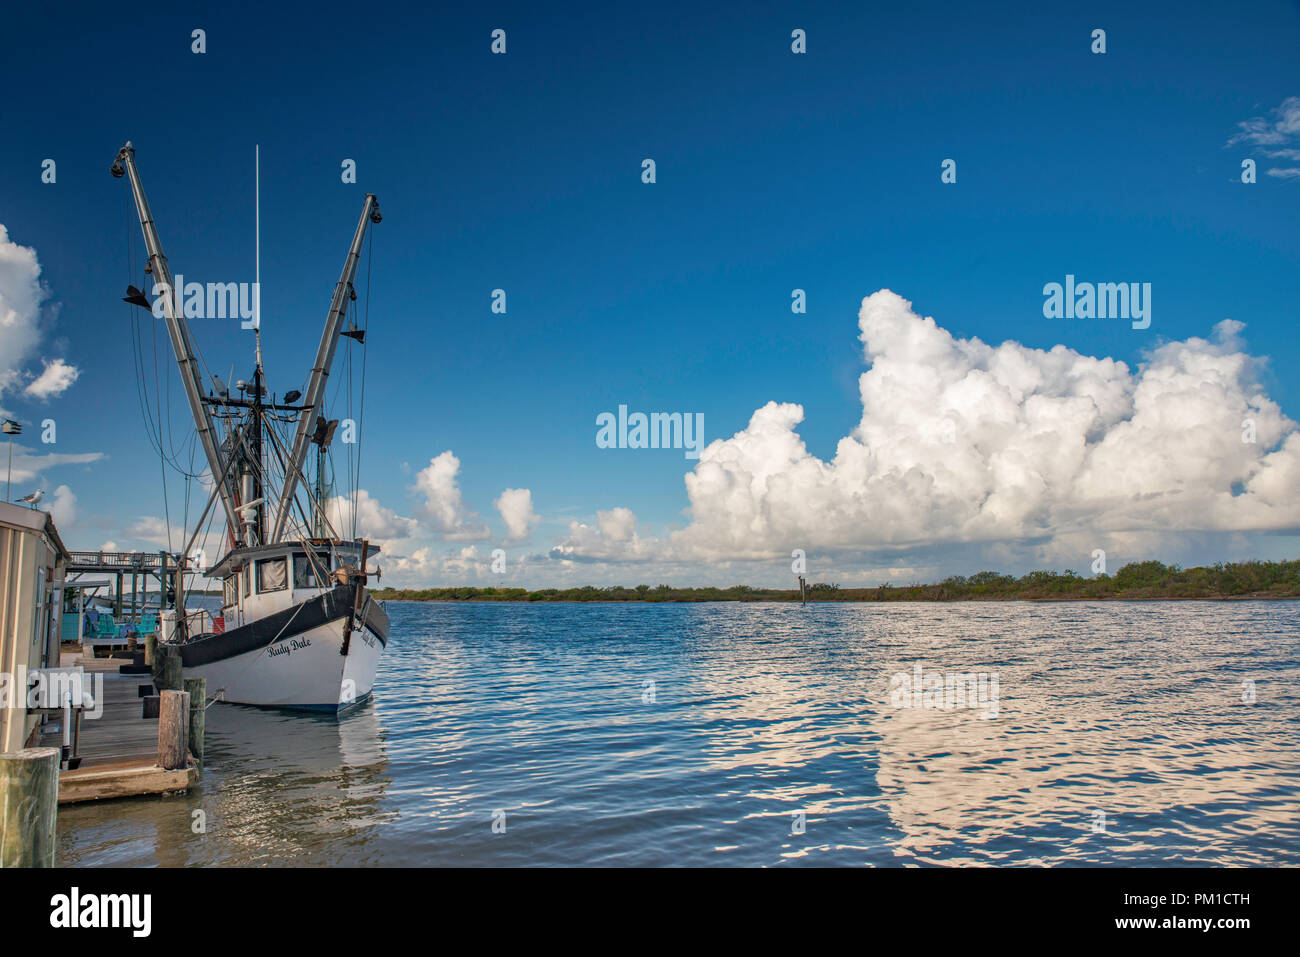 Shrimp boat at pier at Colorado River near its estuary at Gulf of Mexico, near Matagorda, Texas, USA - Stock Image